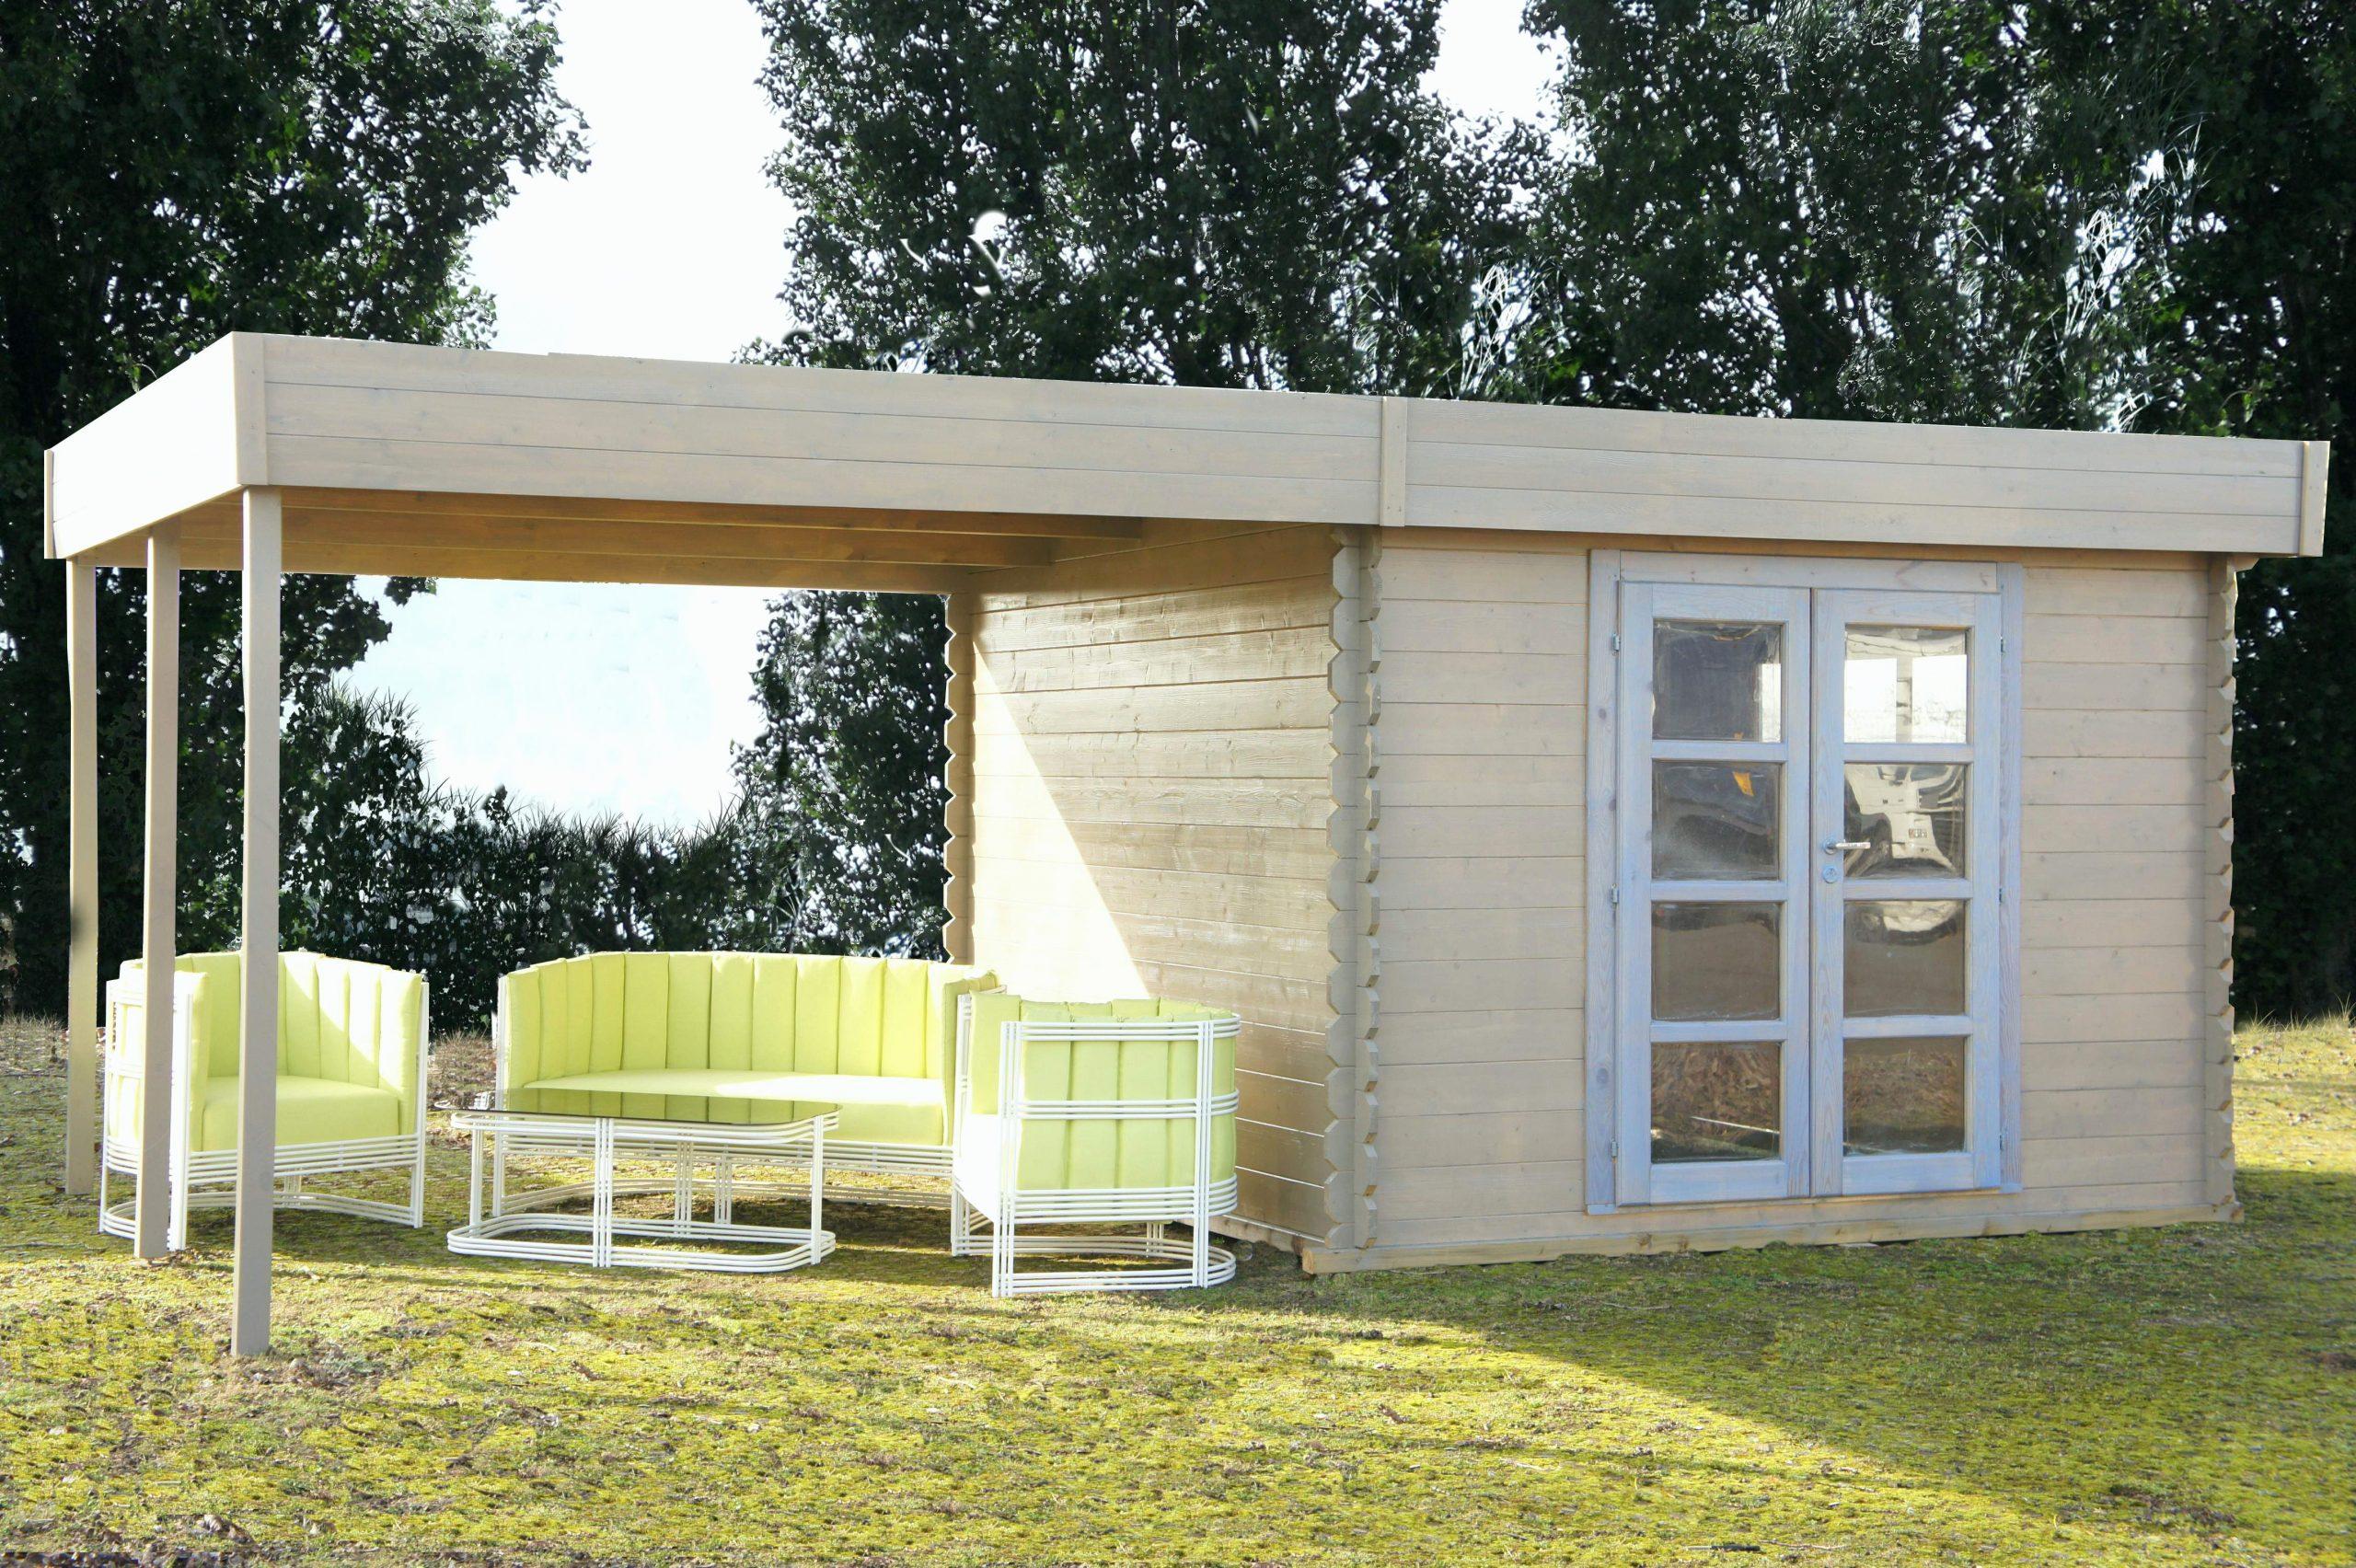 Salon De Jardin Carrefour Bois - The Best Undercut Ponytail concernant Abri De Jardin En Bois Carrefour